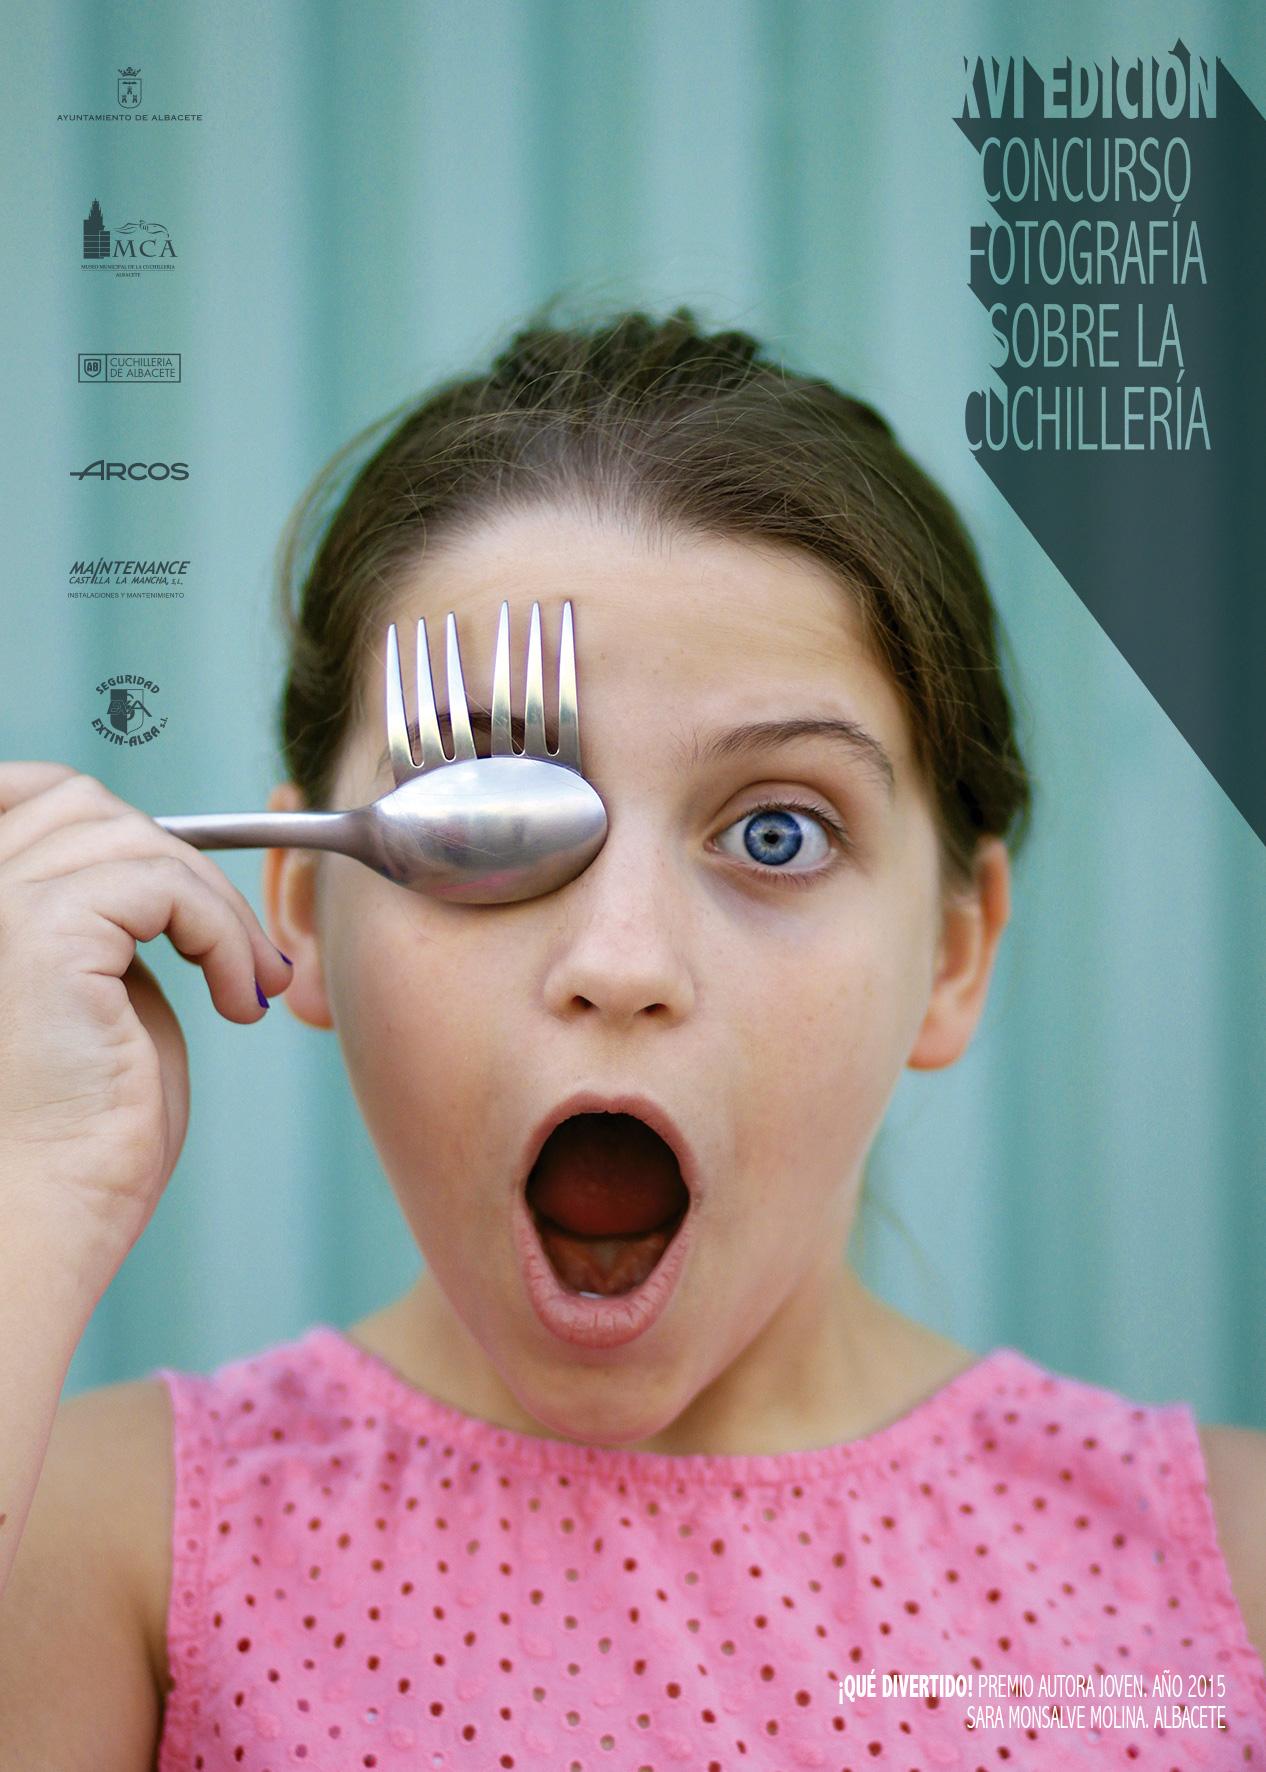 XV Concurso Fotografía sobre cuchillería